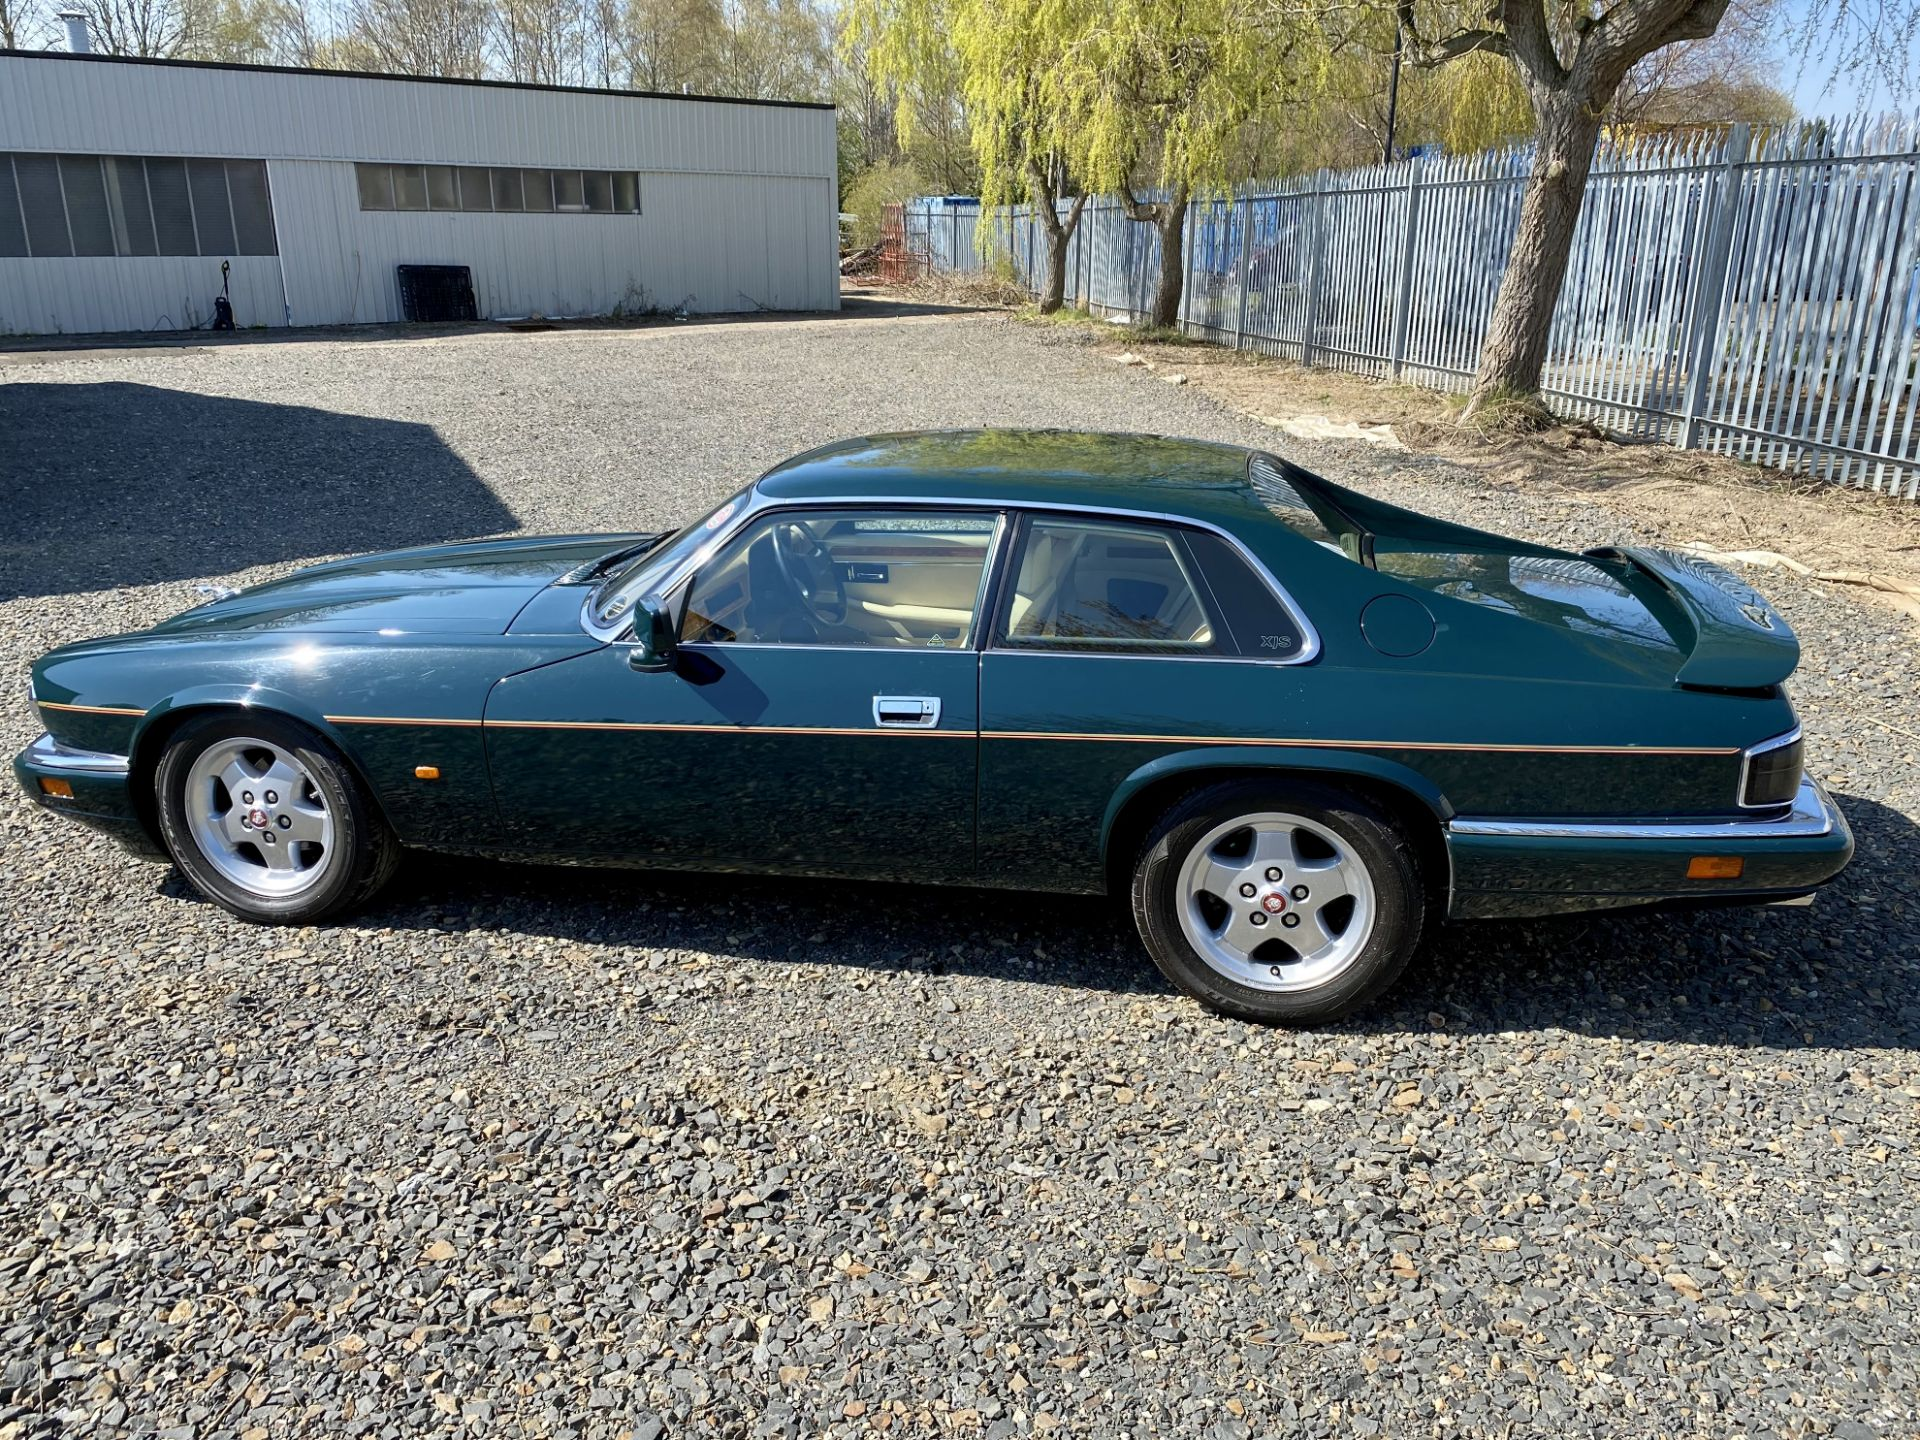 Jaguar XJS coupe - Image 12 of 64